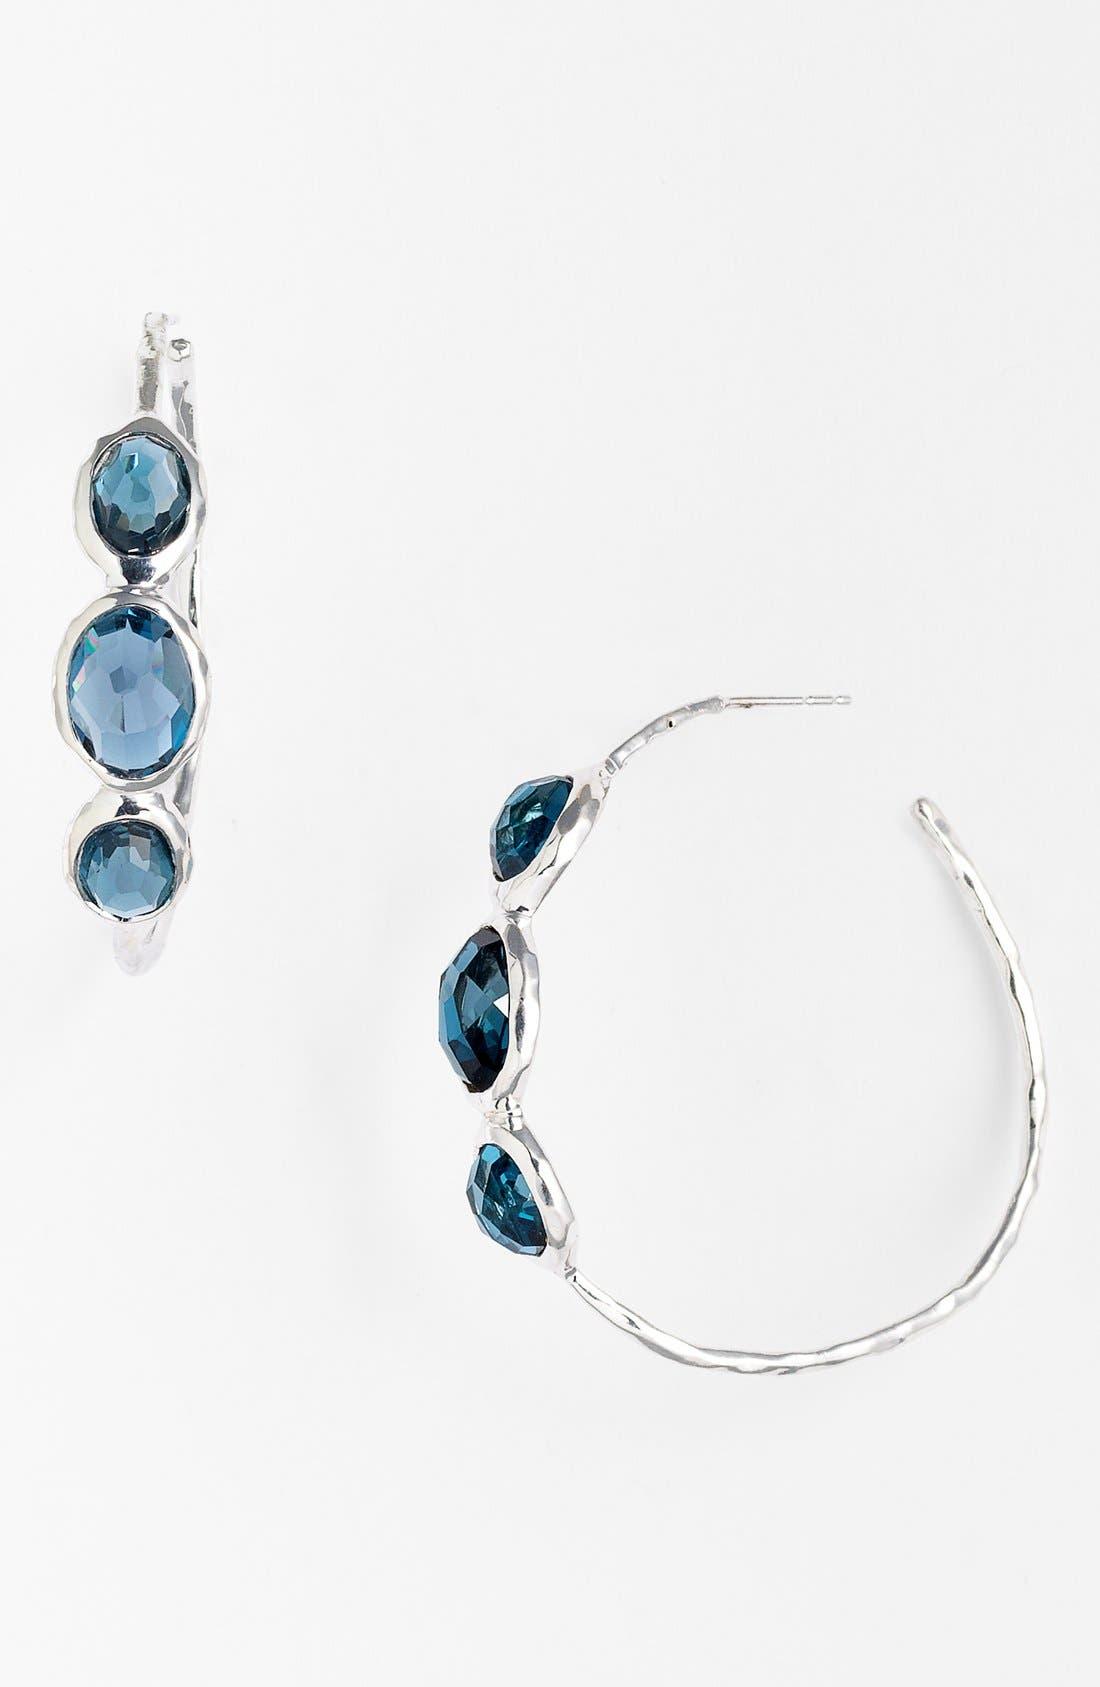 Alternate Image 1 Selected - Ippolita 'Rock Candy - Number 3' 3 Stone Hoop Earrings